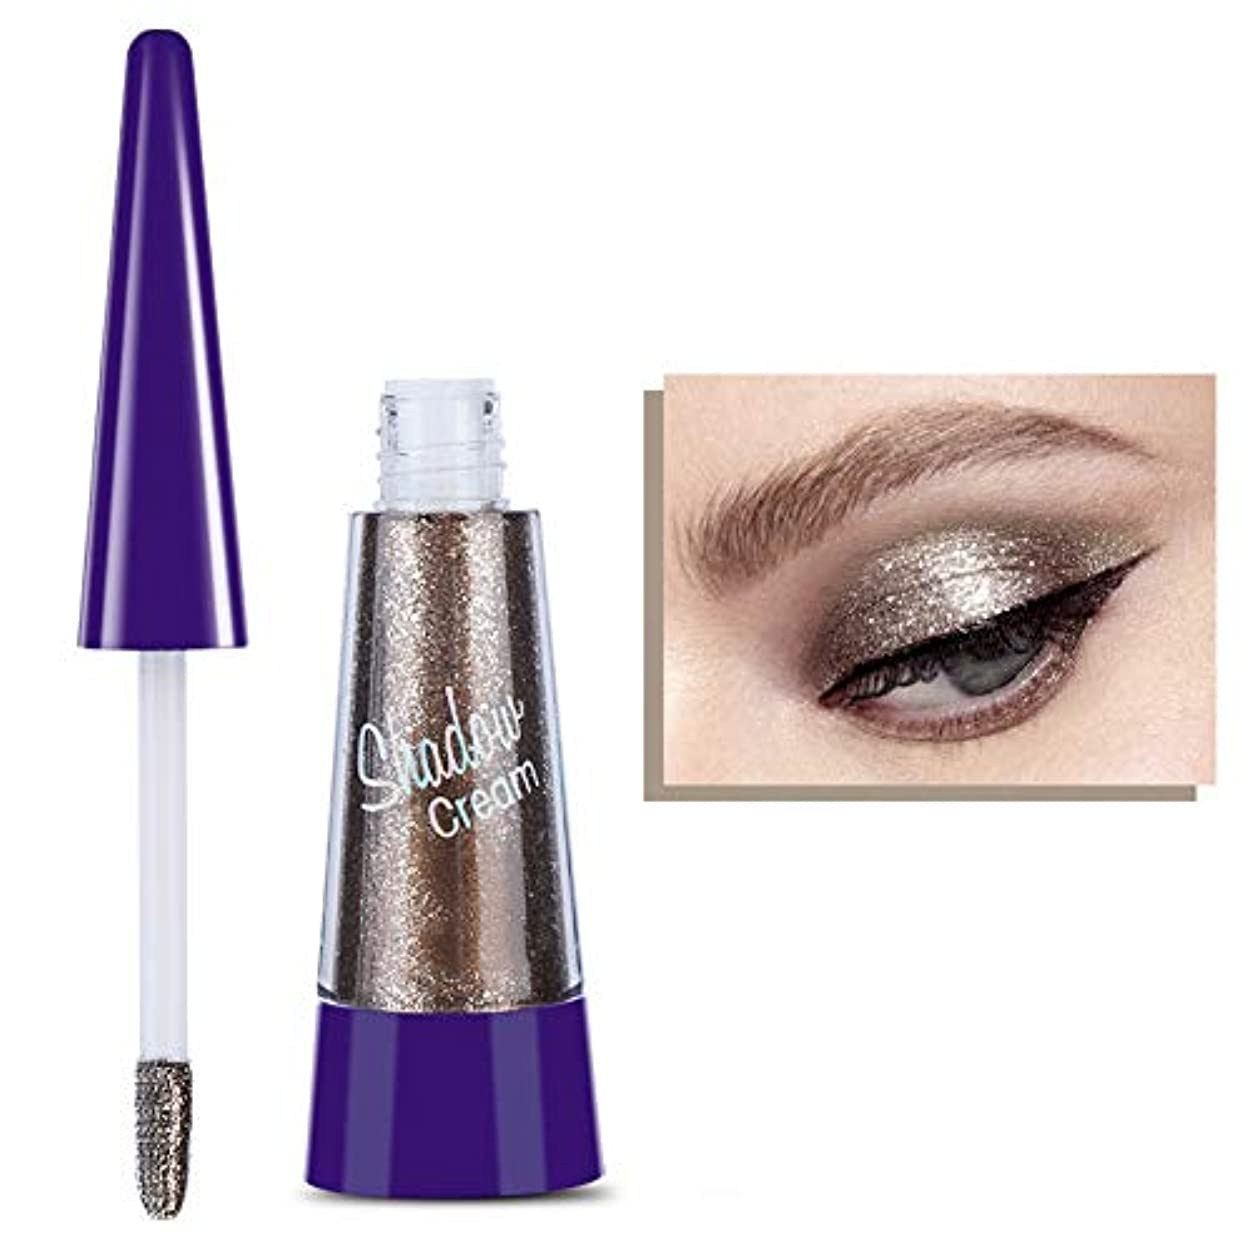 コピーダーベビルのテス一節液体光沢アイシャドウ、目のための耐久性のある防水化粧品、華やかなアイメイクを作成する、ショッピングや会議やパーティーに適している(02)